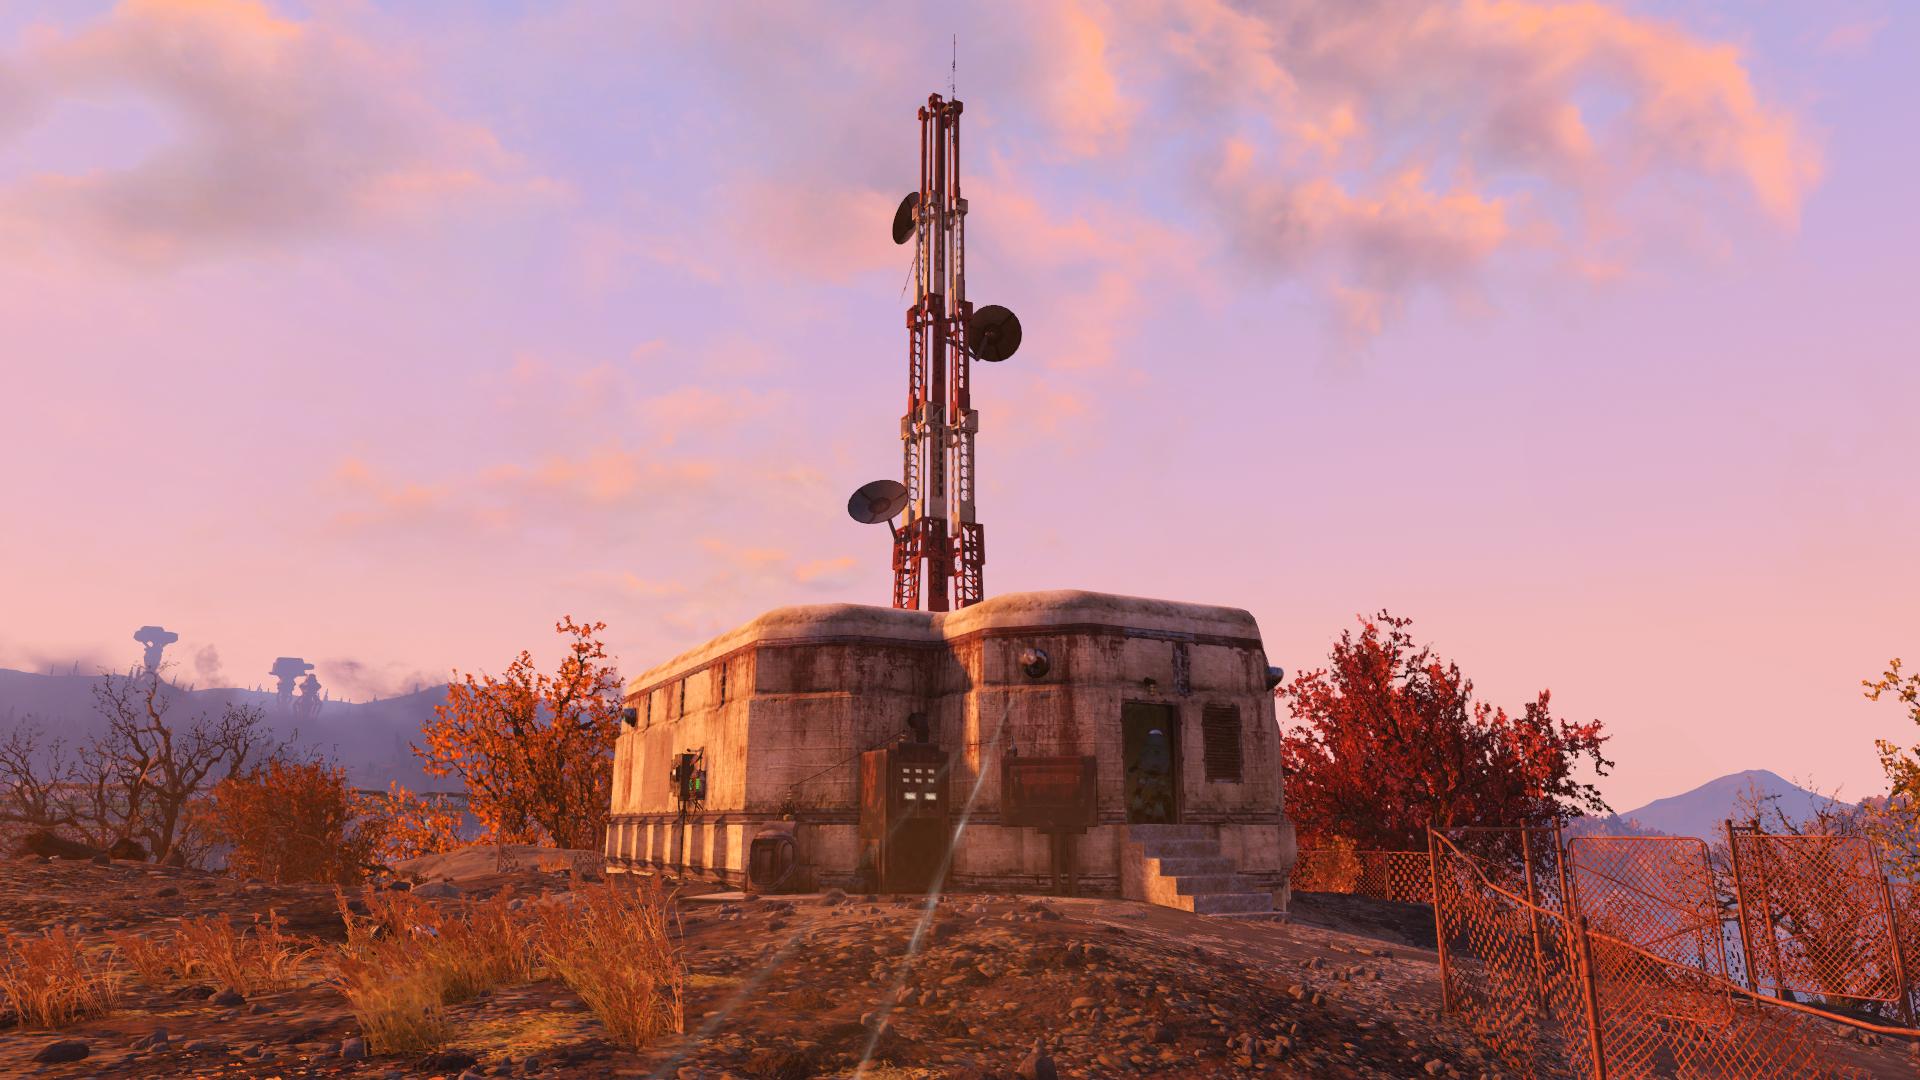 Relay tower EM-B1-27